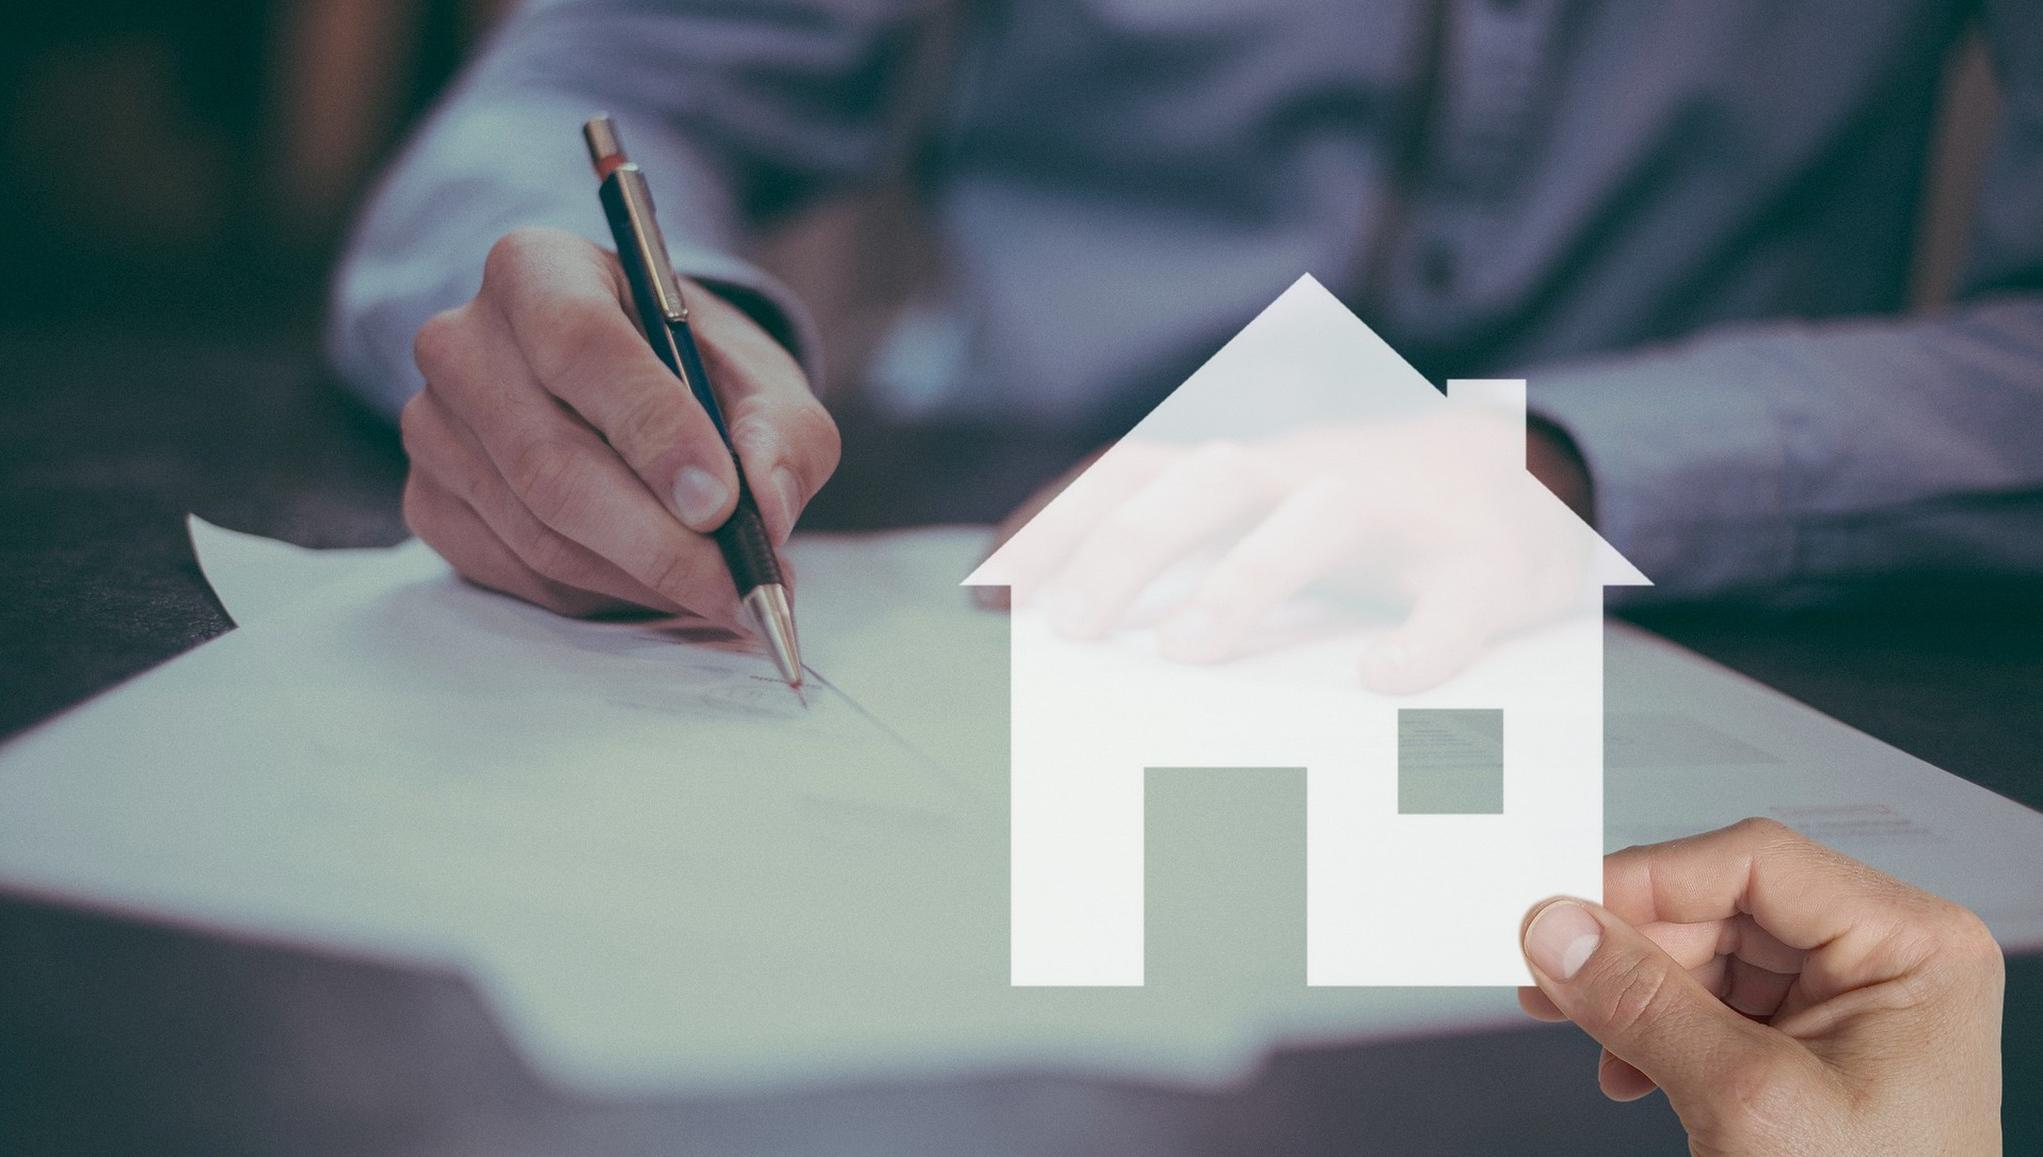 В России предлагают разрешить работодателям выдавать ипотеку сотрудникам - новости Афанасий